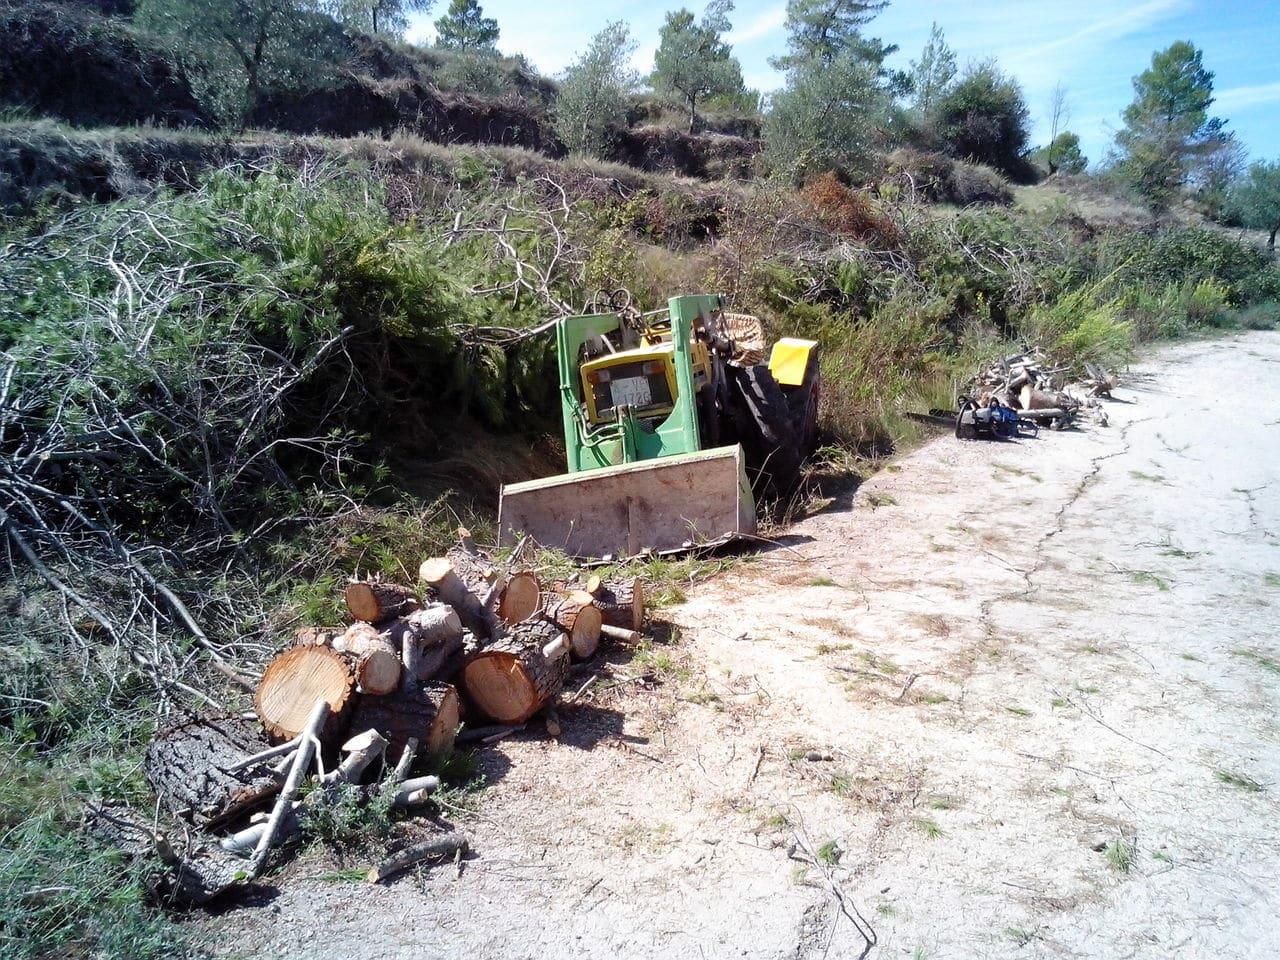 [Pasquali 989] Unas fotillos y vídeo de mi tractor IMG_20130920_124003